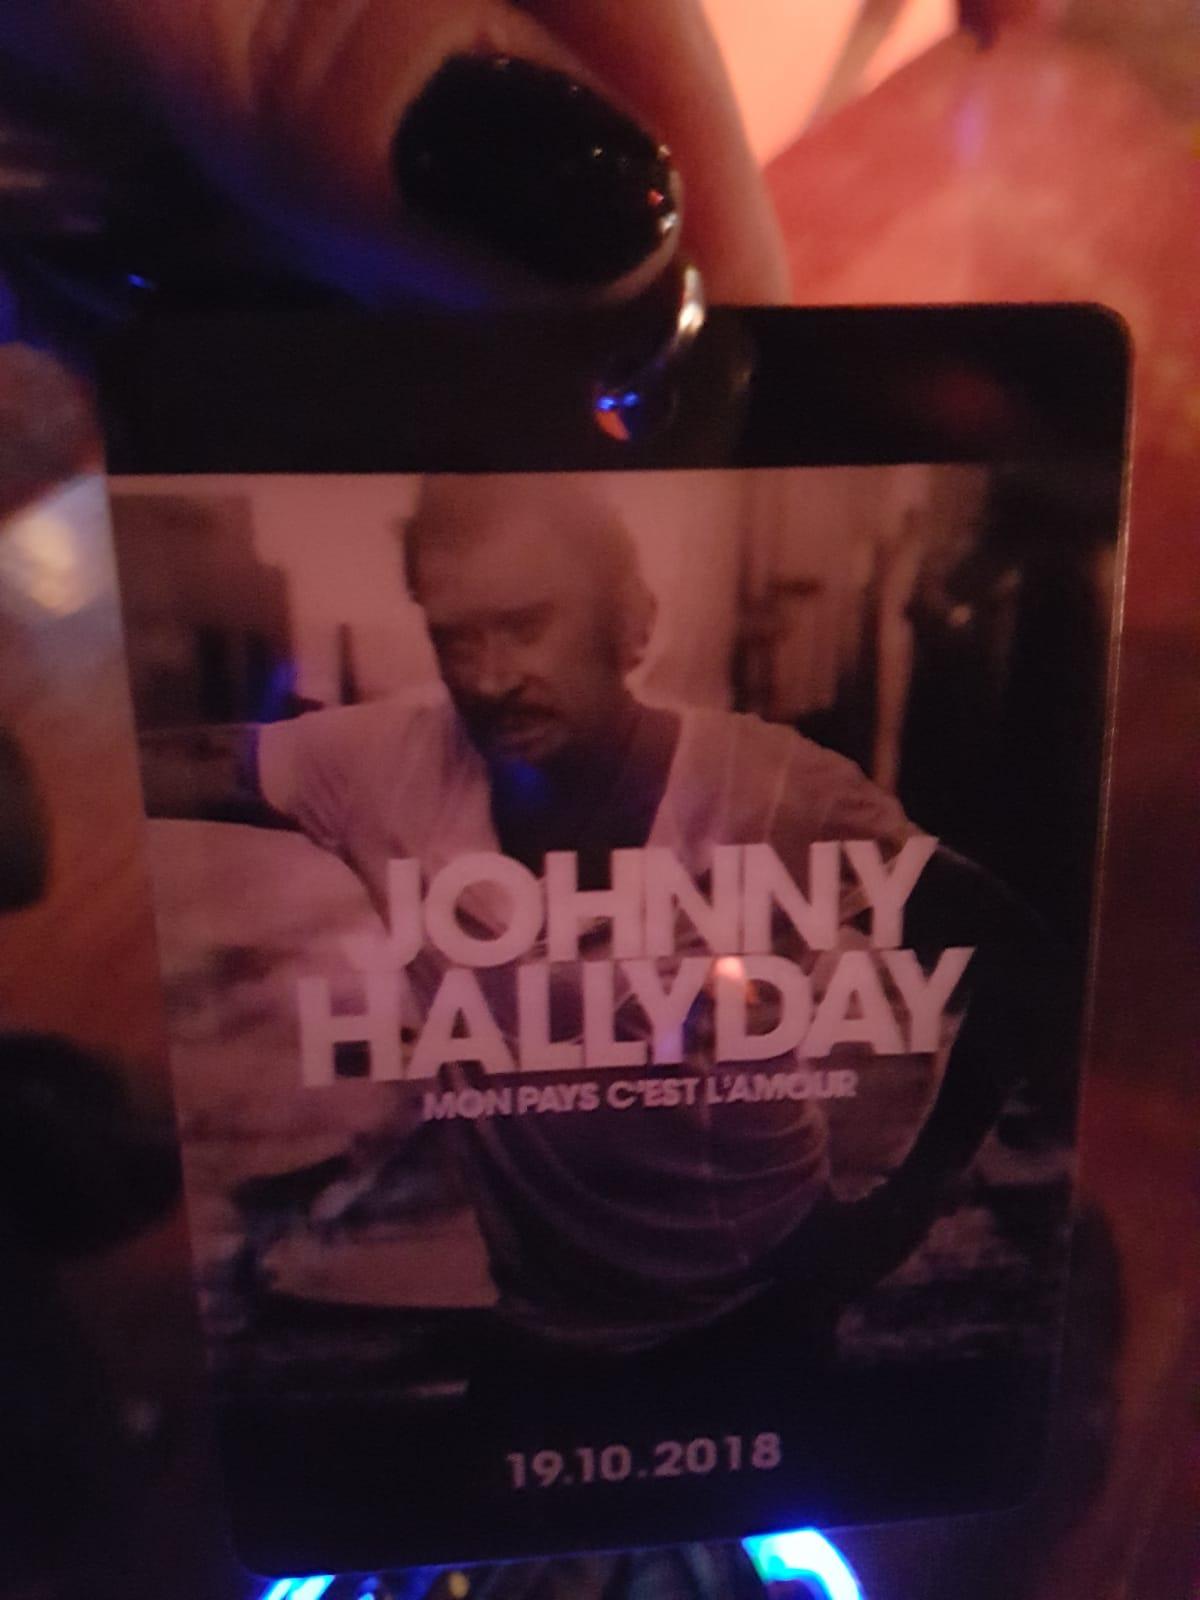 badge Johnny Hallyday ecoute avant premiere mon pays c est l amour Florence marchand